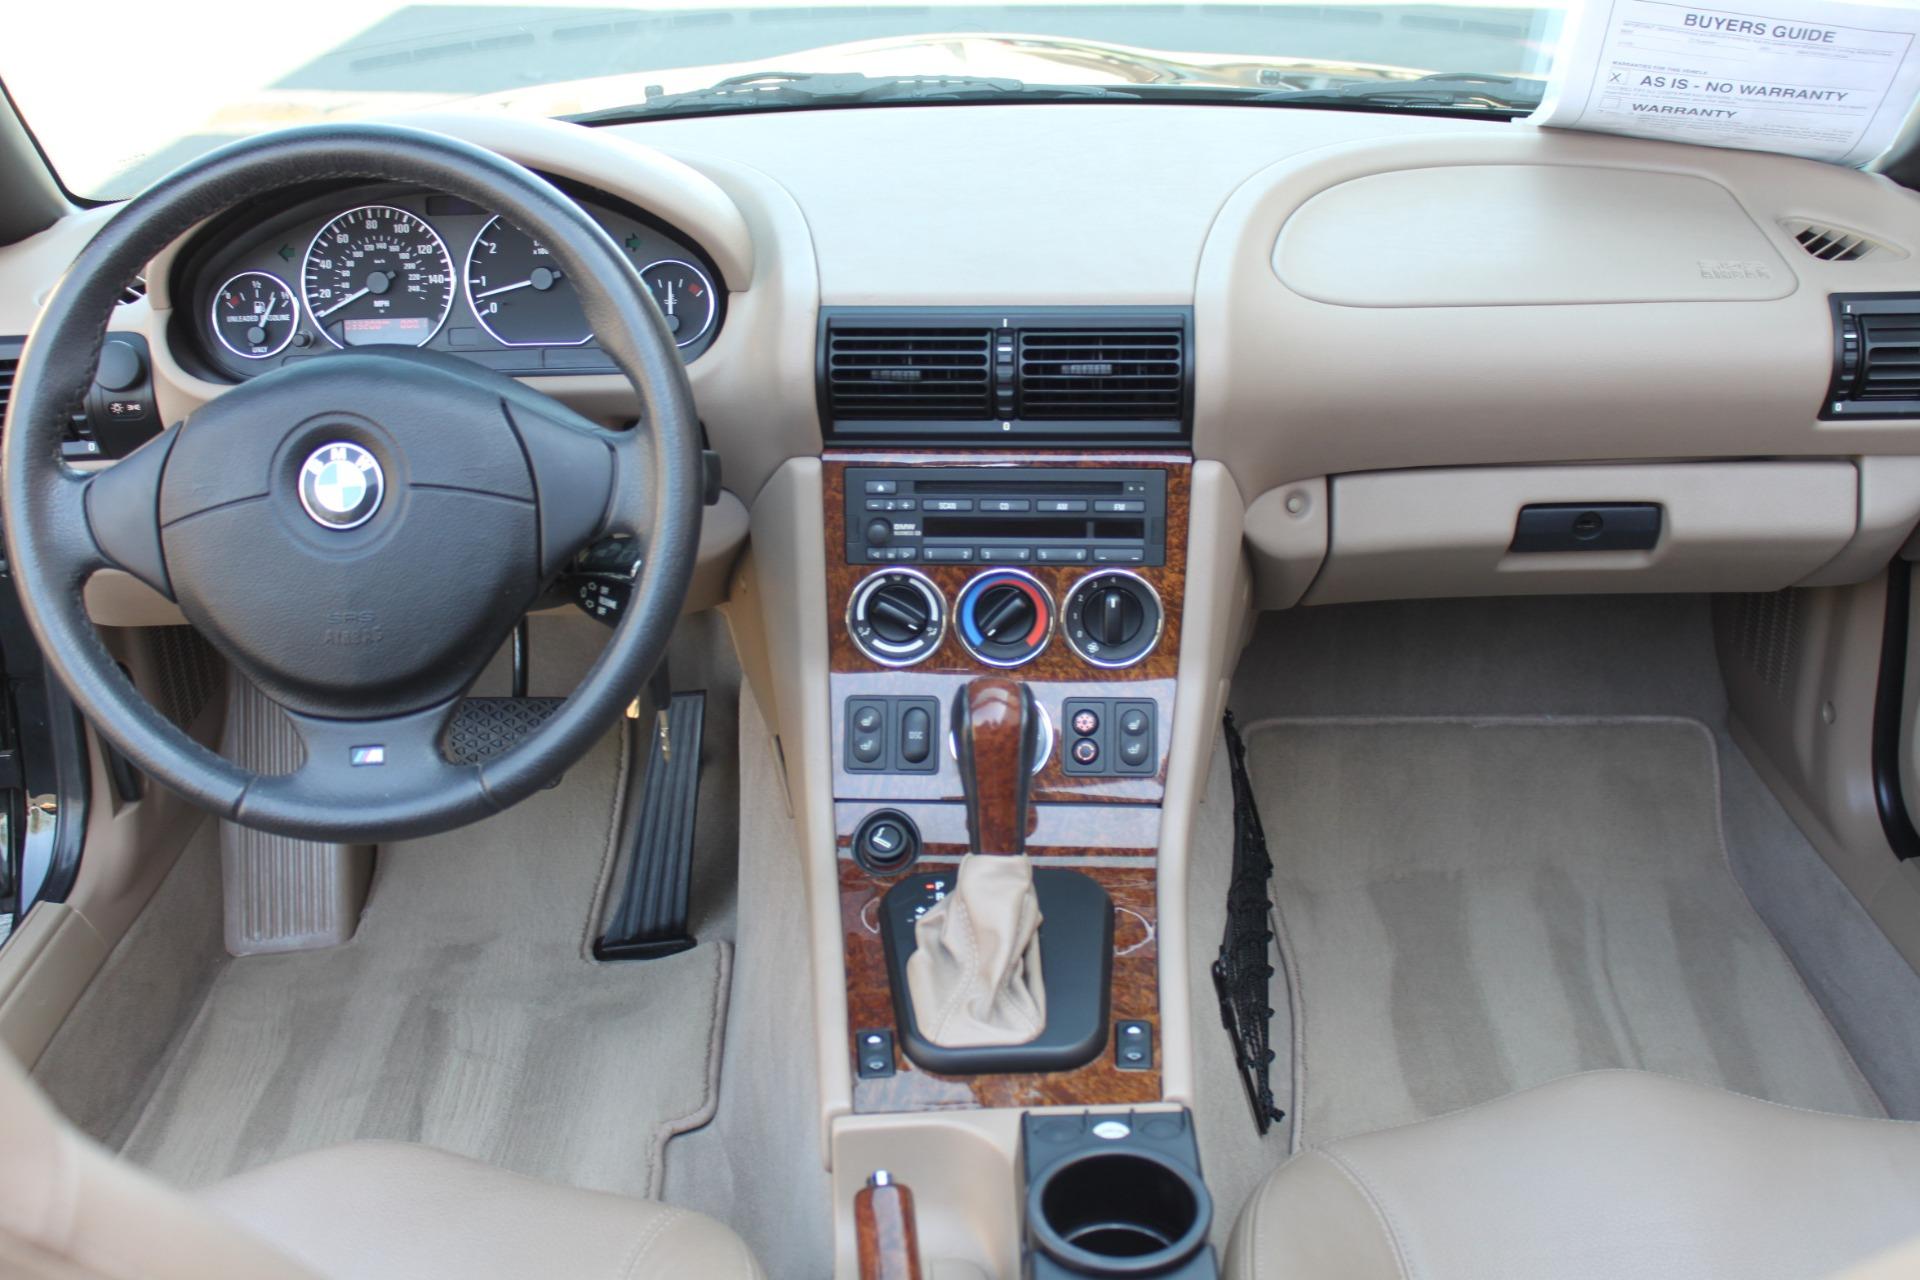 Used-2001-BMW-Z3-Roadster-30i-vintage